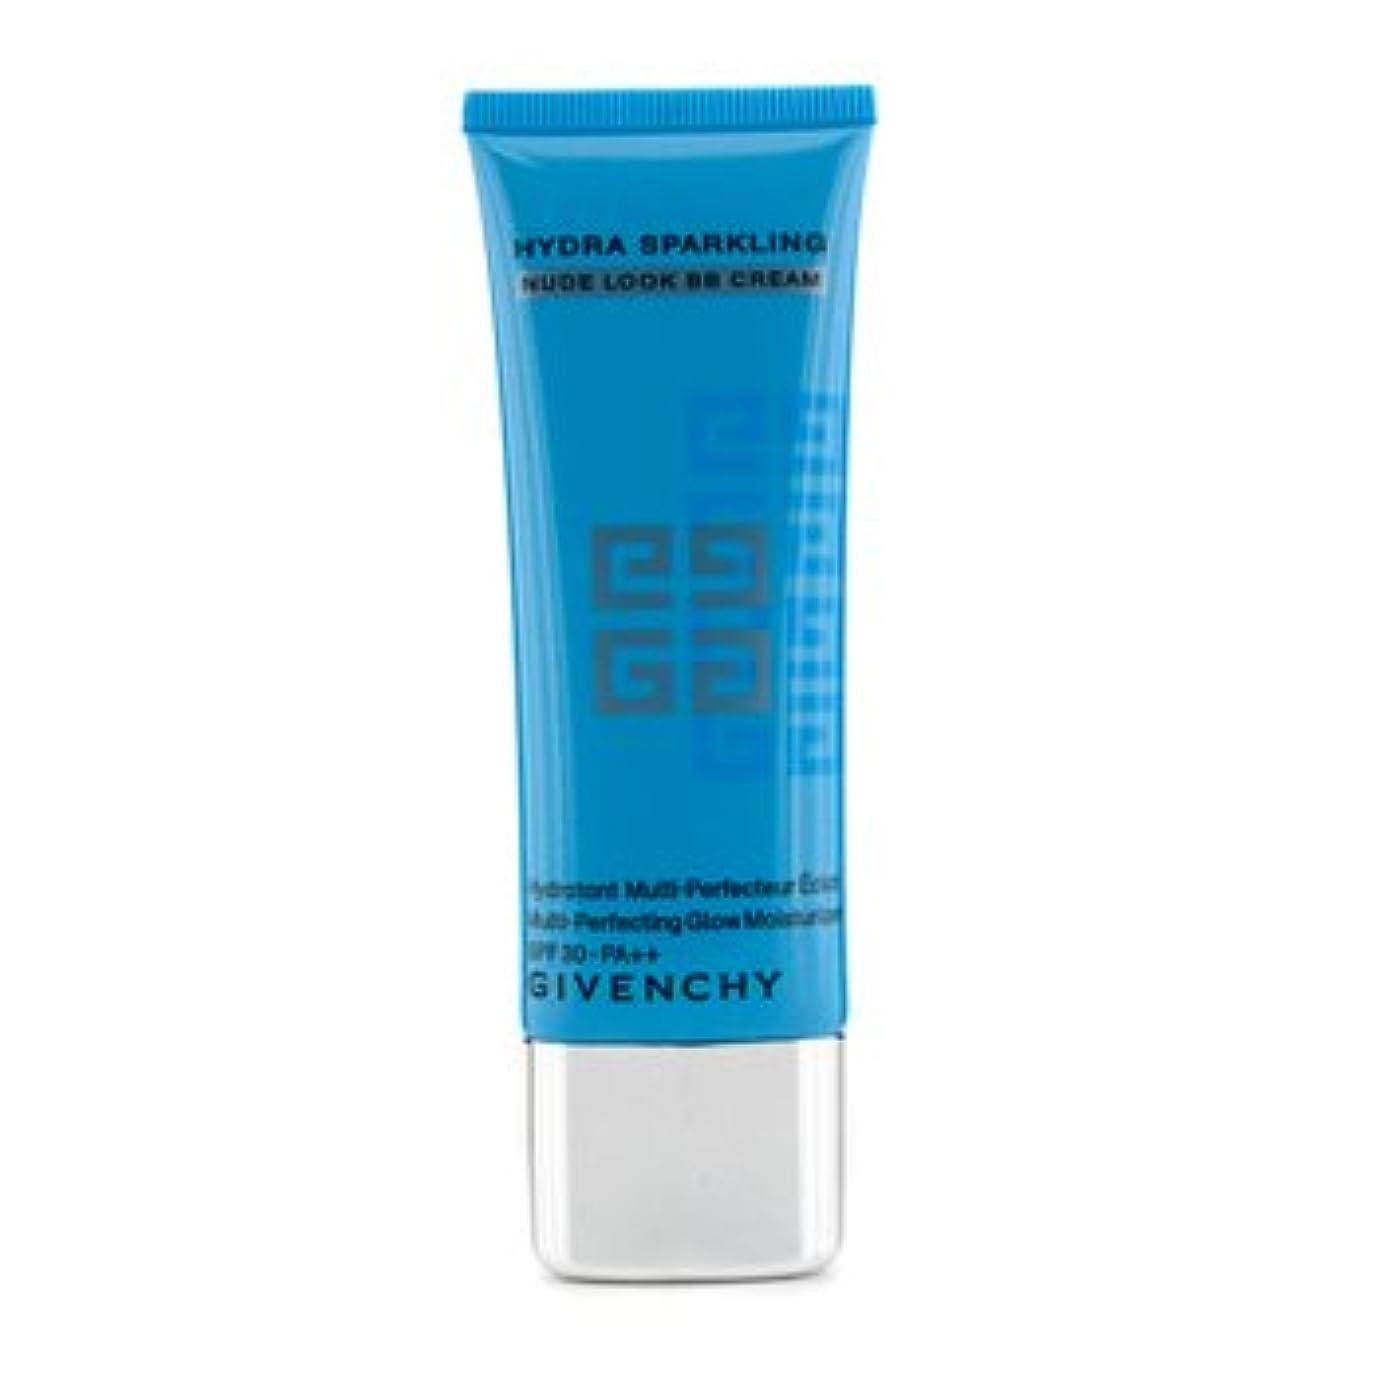 国民水銀のいちゃつく[Givenchy] Nude Look BB Cream Multi-Perfecting Glow Moisturizer SPF 30 PA++ 40ml/1.35oz